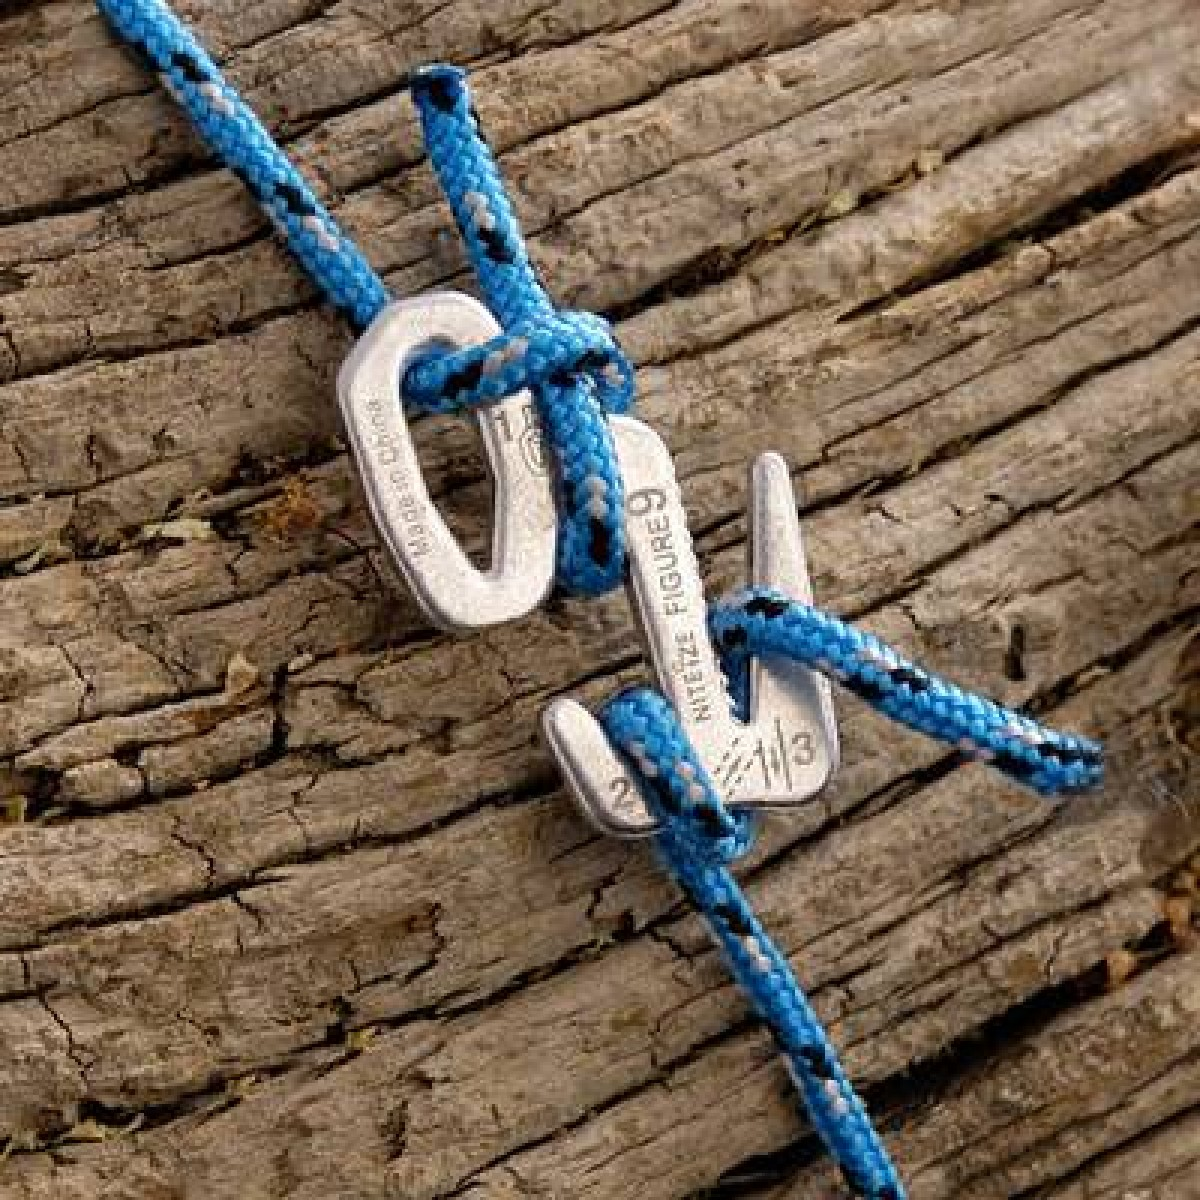 Связал ремнями веревкой крепко надел колготки 23 фотография